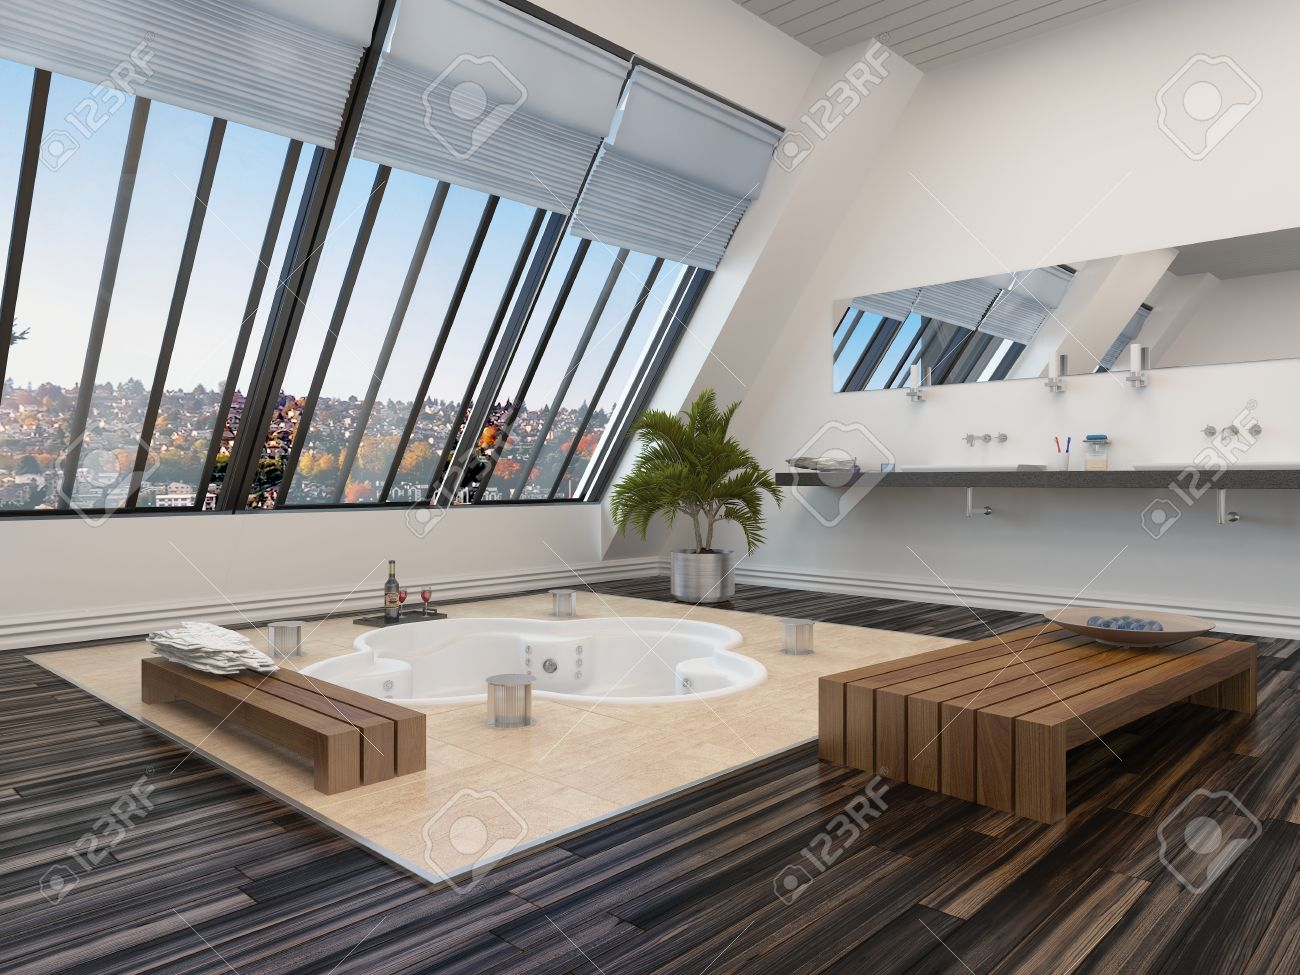 modernes badezimmer innenraum mit einem eingelassenen whirlpool in